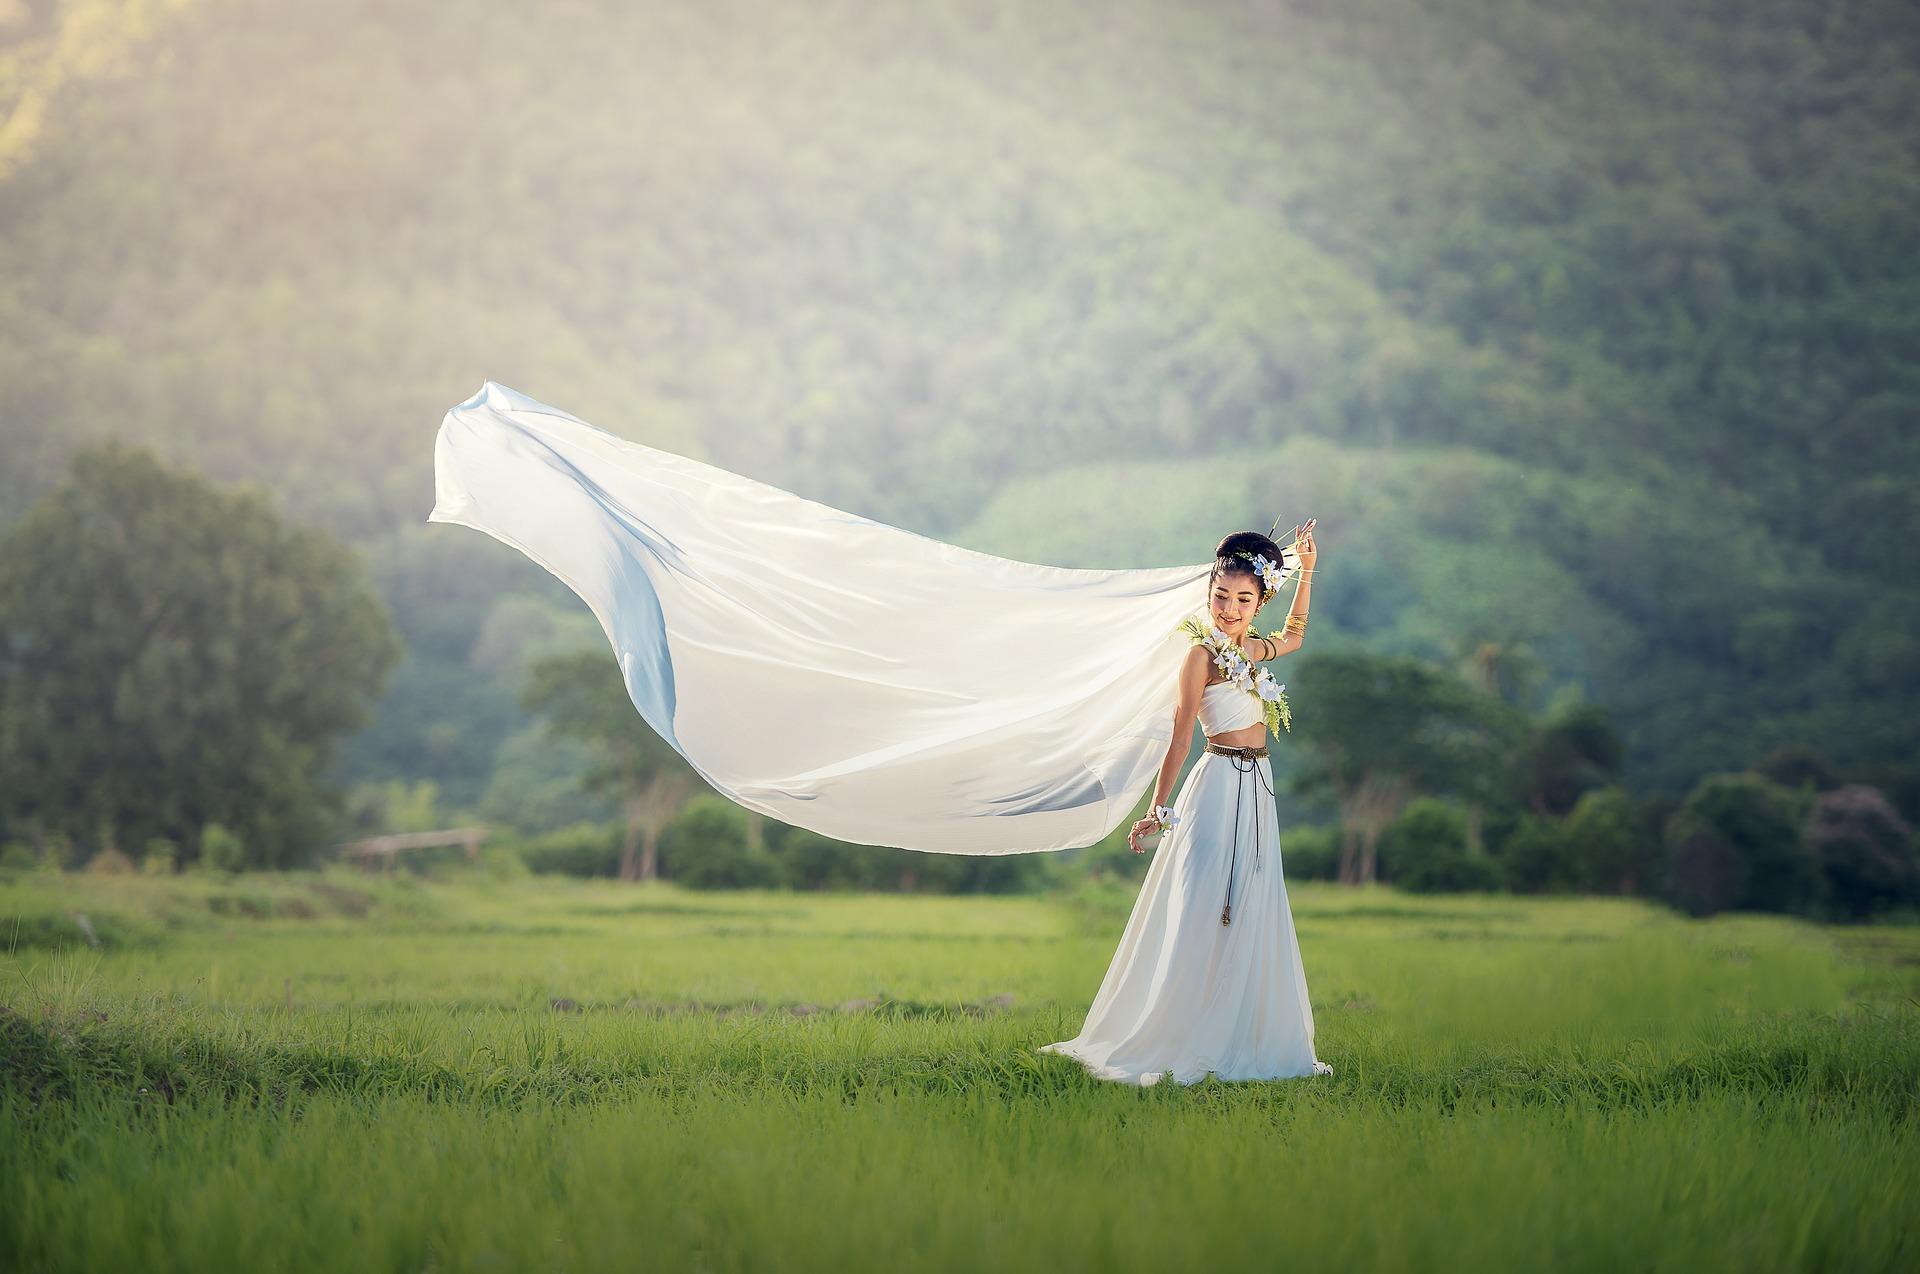 viaggi di nozze idee 2021